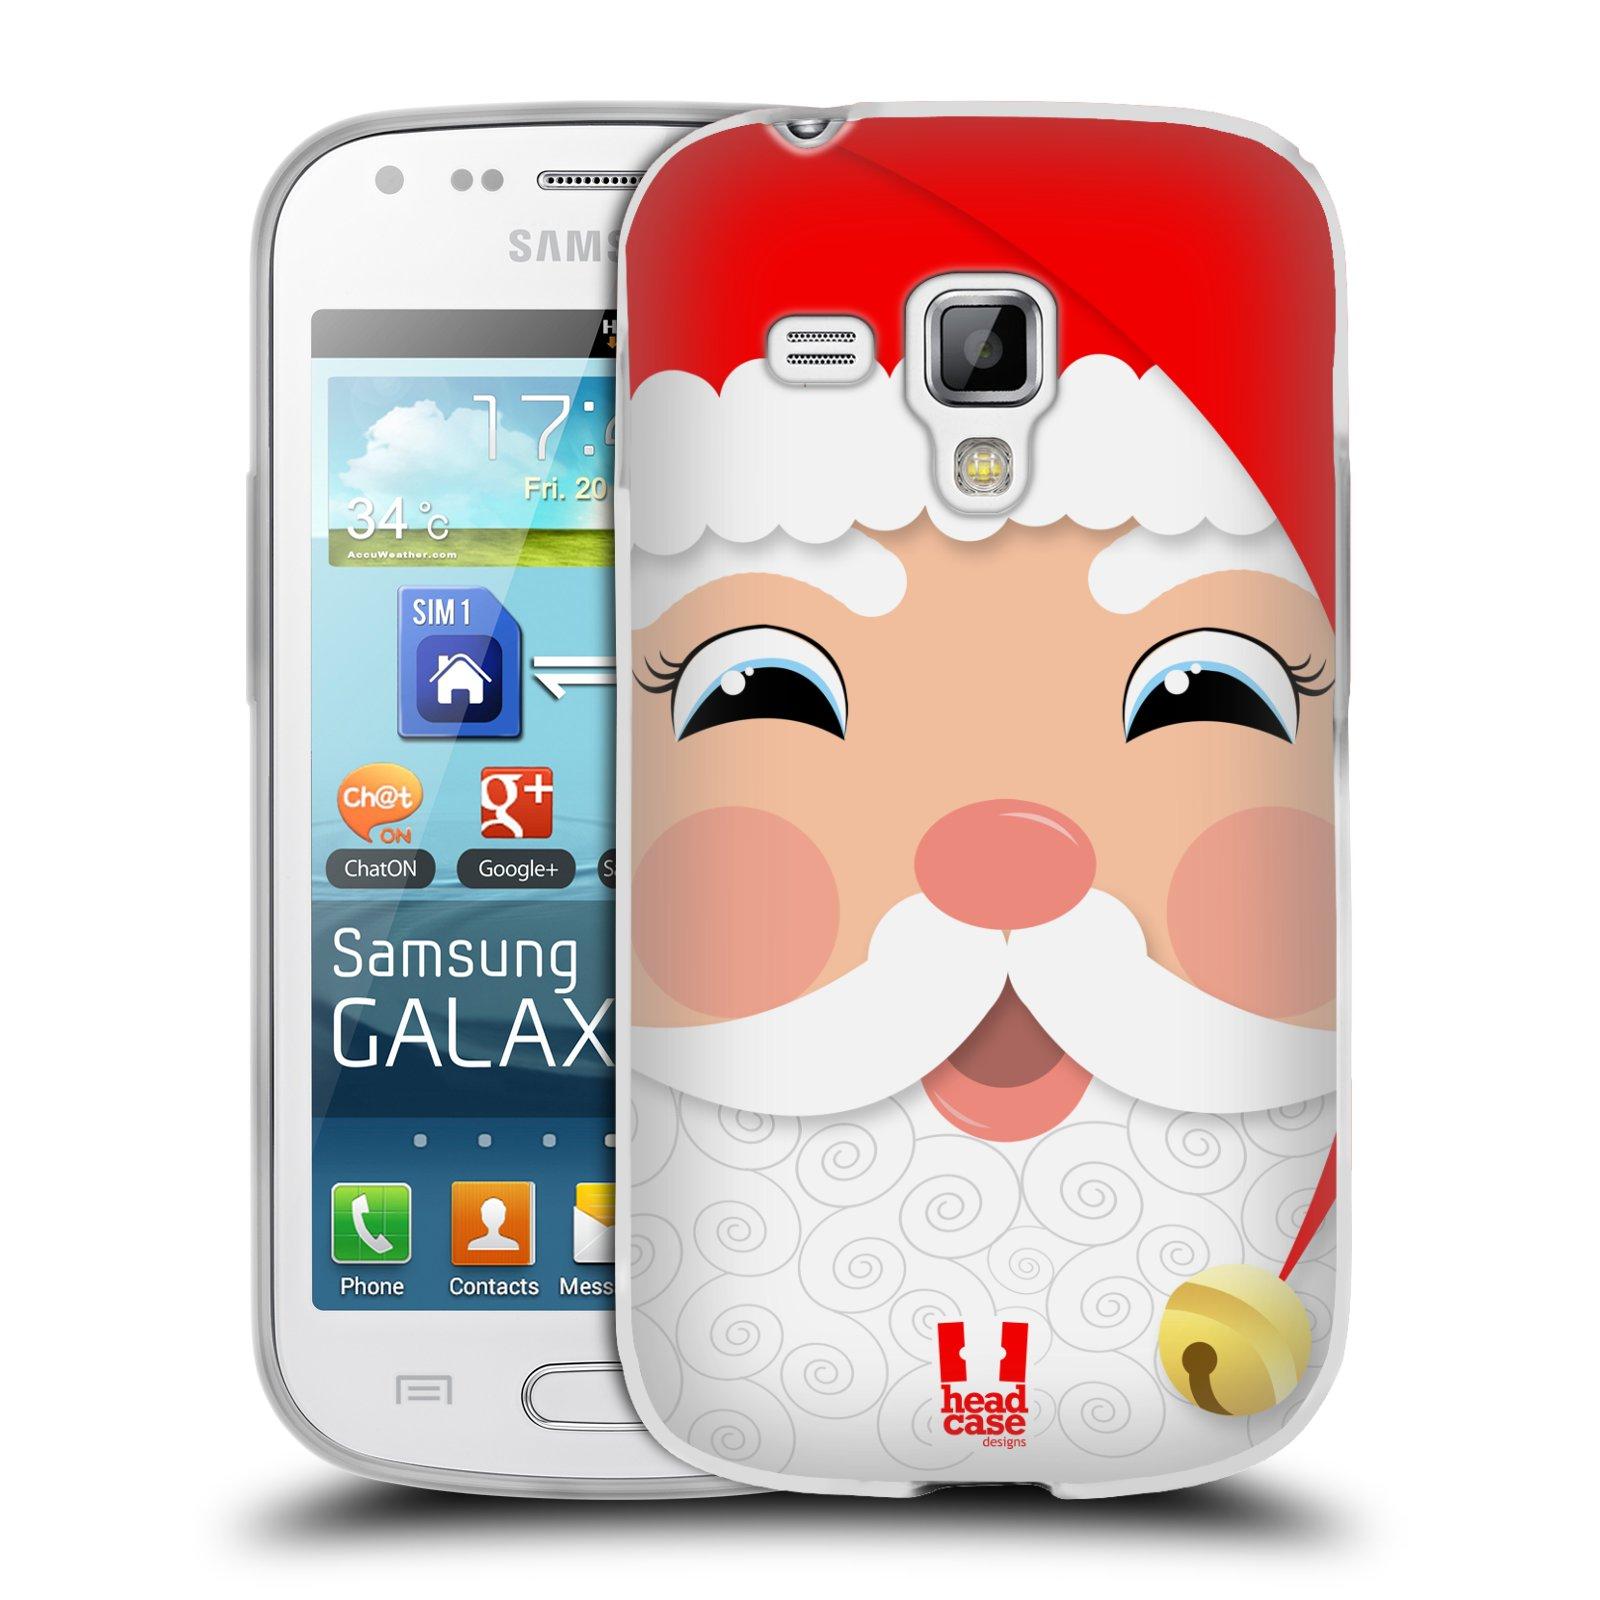 Silikonové pouzdro na mobil Samsung Galaxy Trend HEAD CASE VÁNOCE SANTA (Silikonový kryt či obal na mobilní telefon Samsung Galaxy Trend GT-S7560)